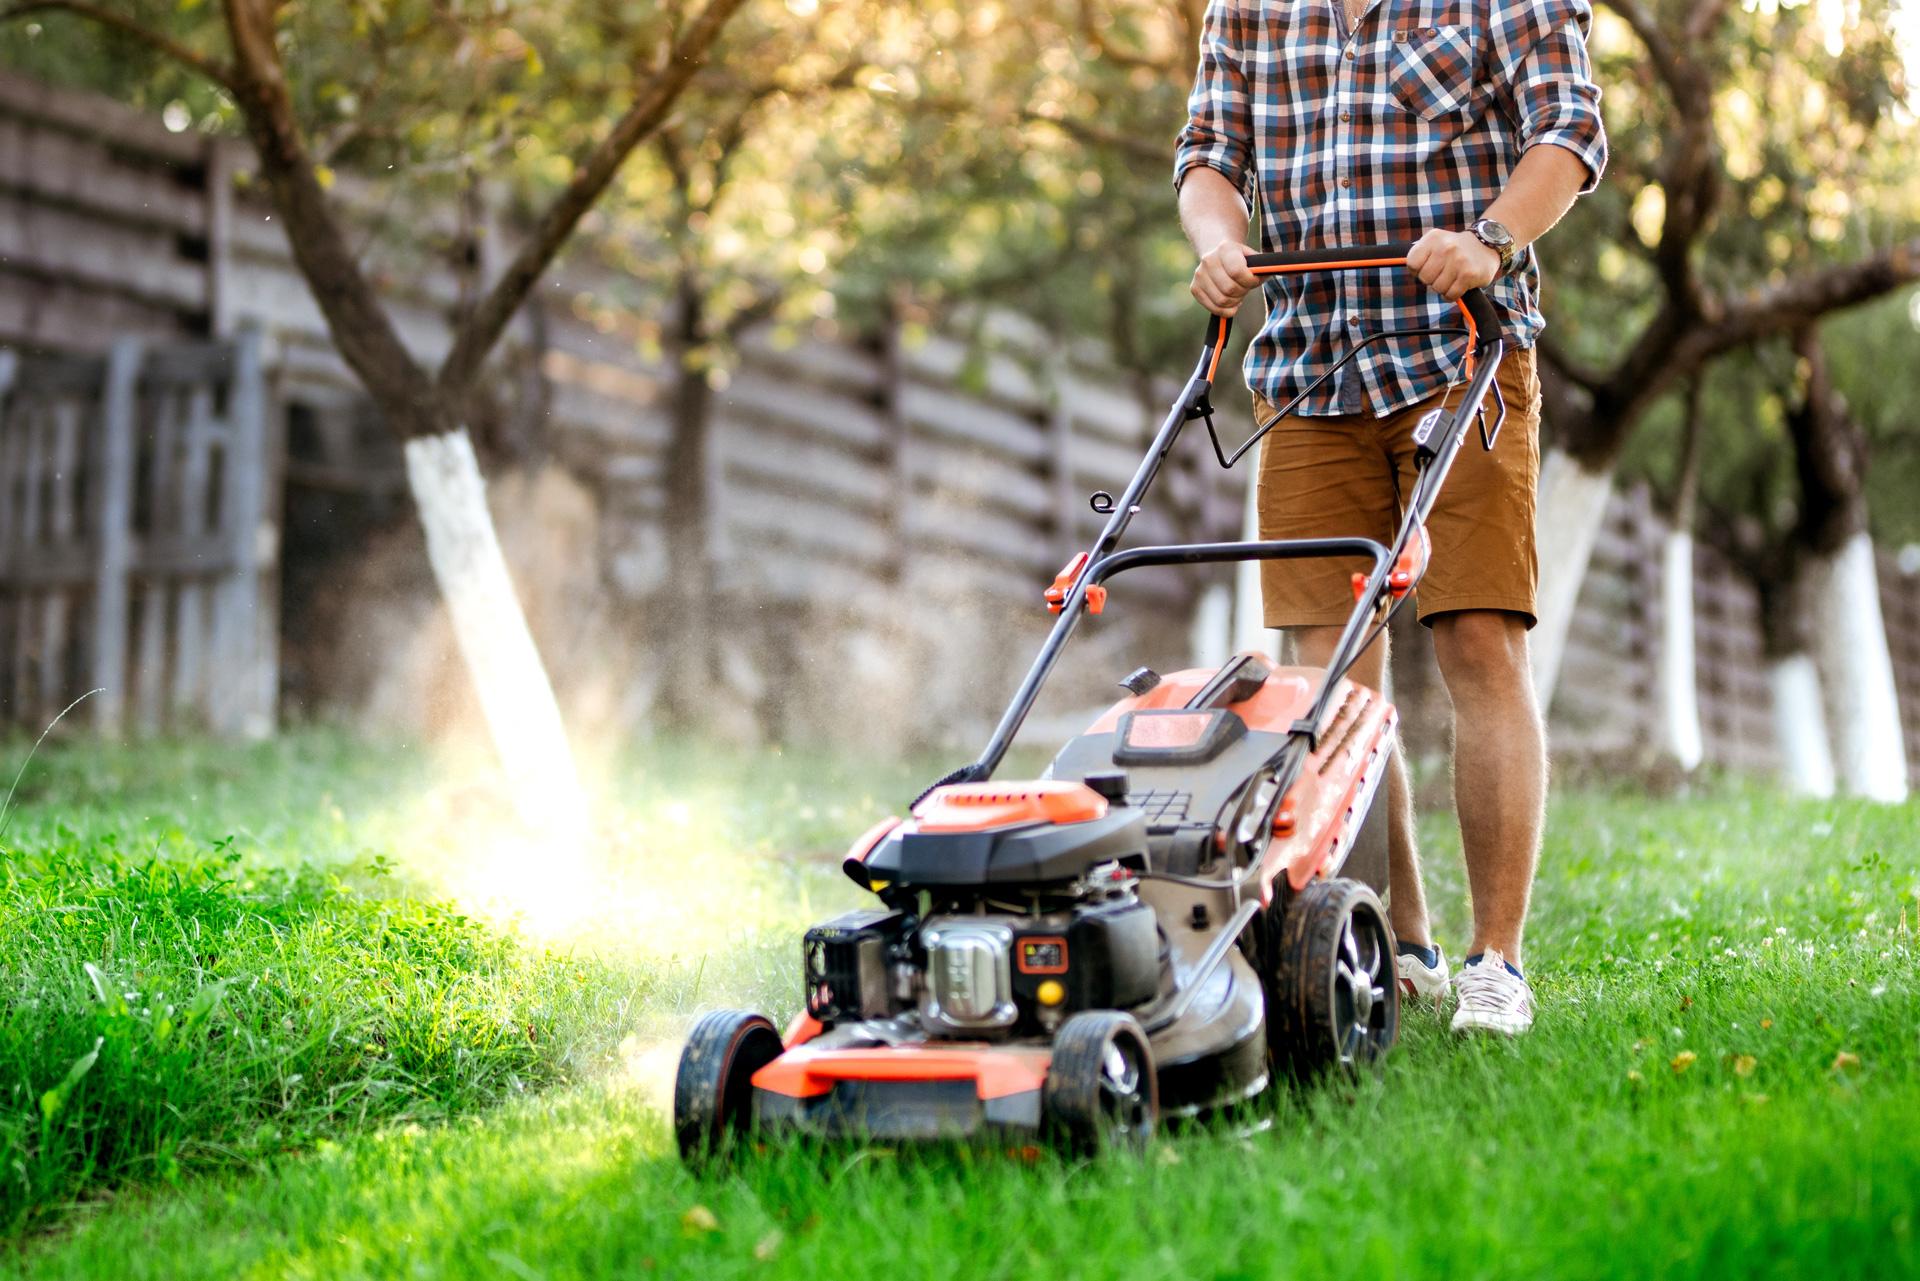 Ukradené věci ze zahrady? Dejte pozor na výšku plotu